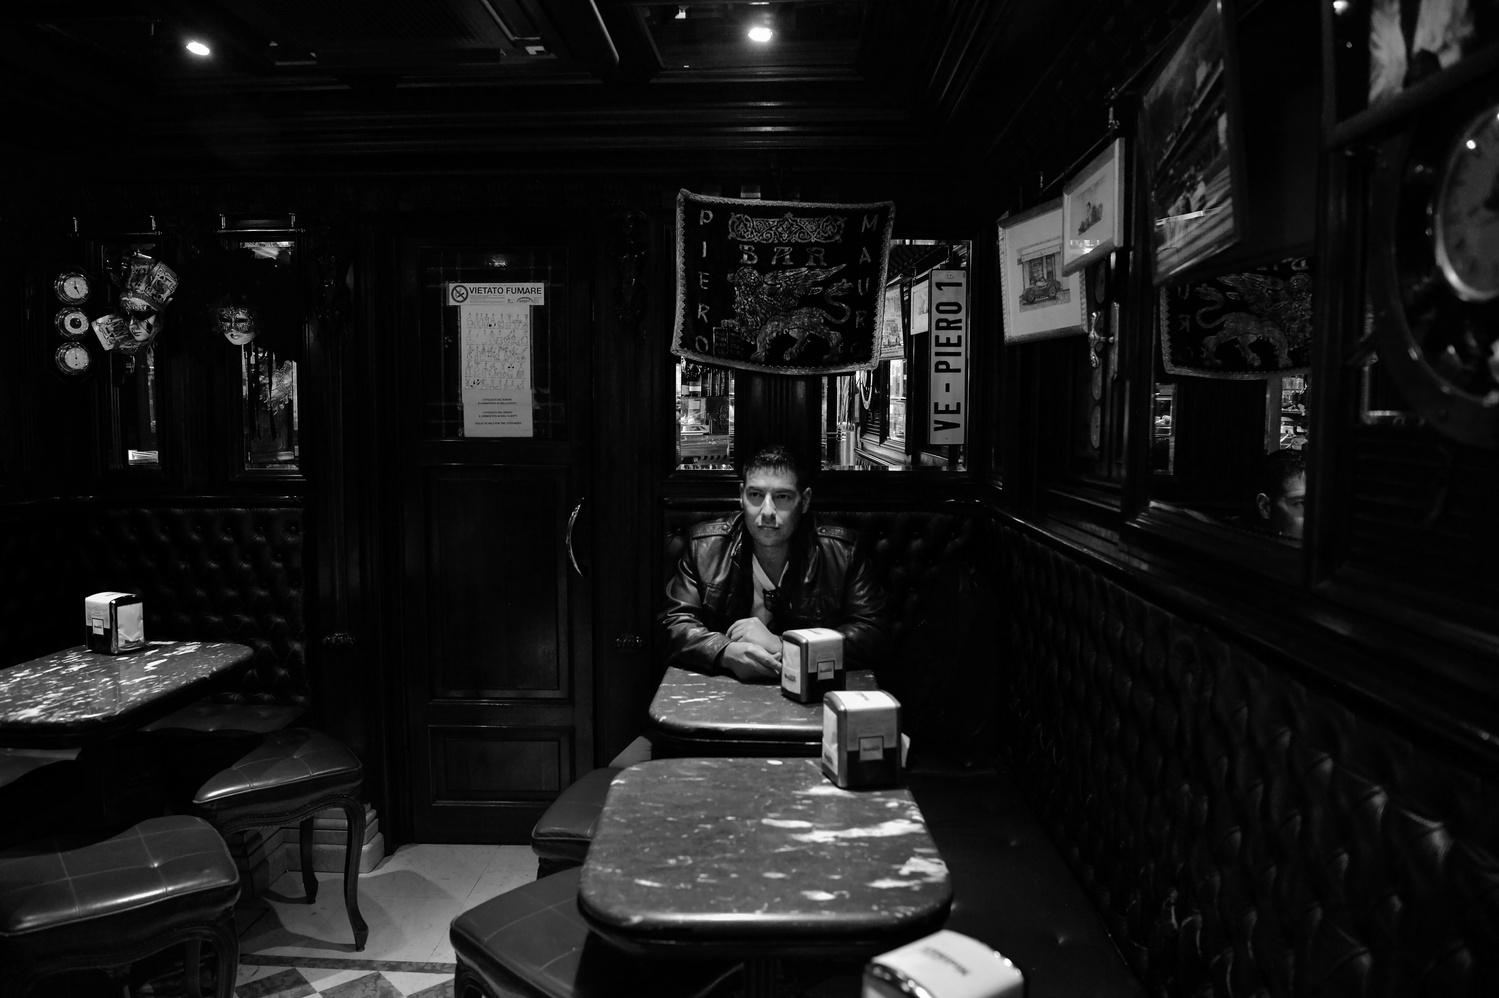 Night Cafe by Adriana Avello